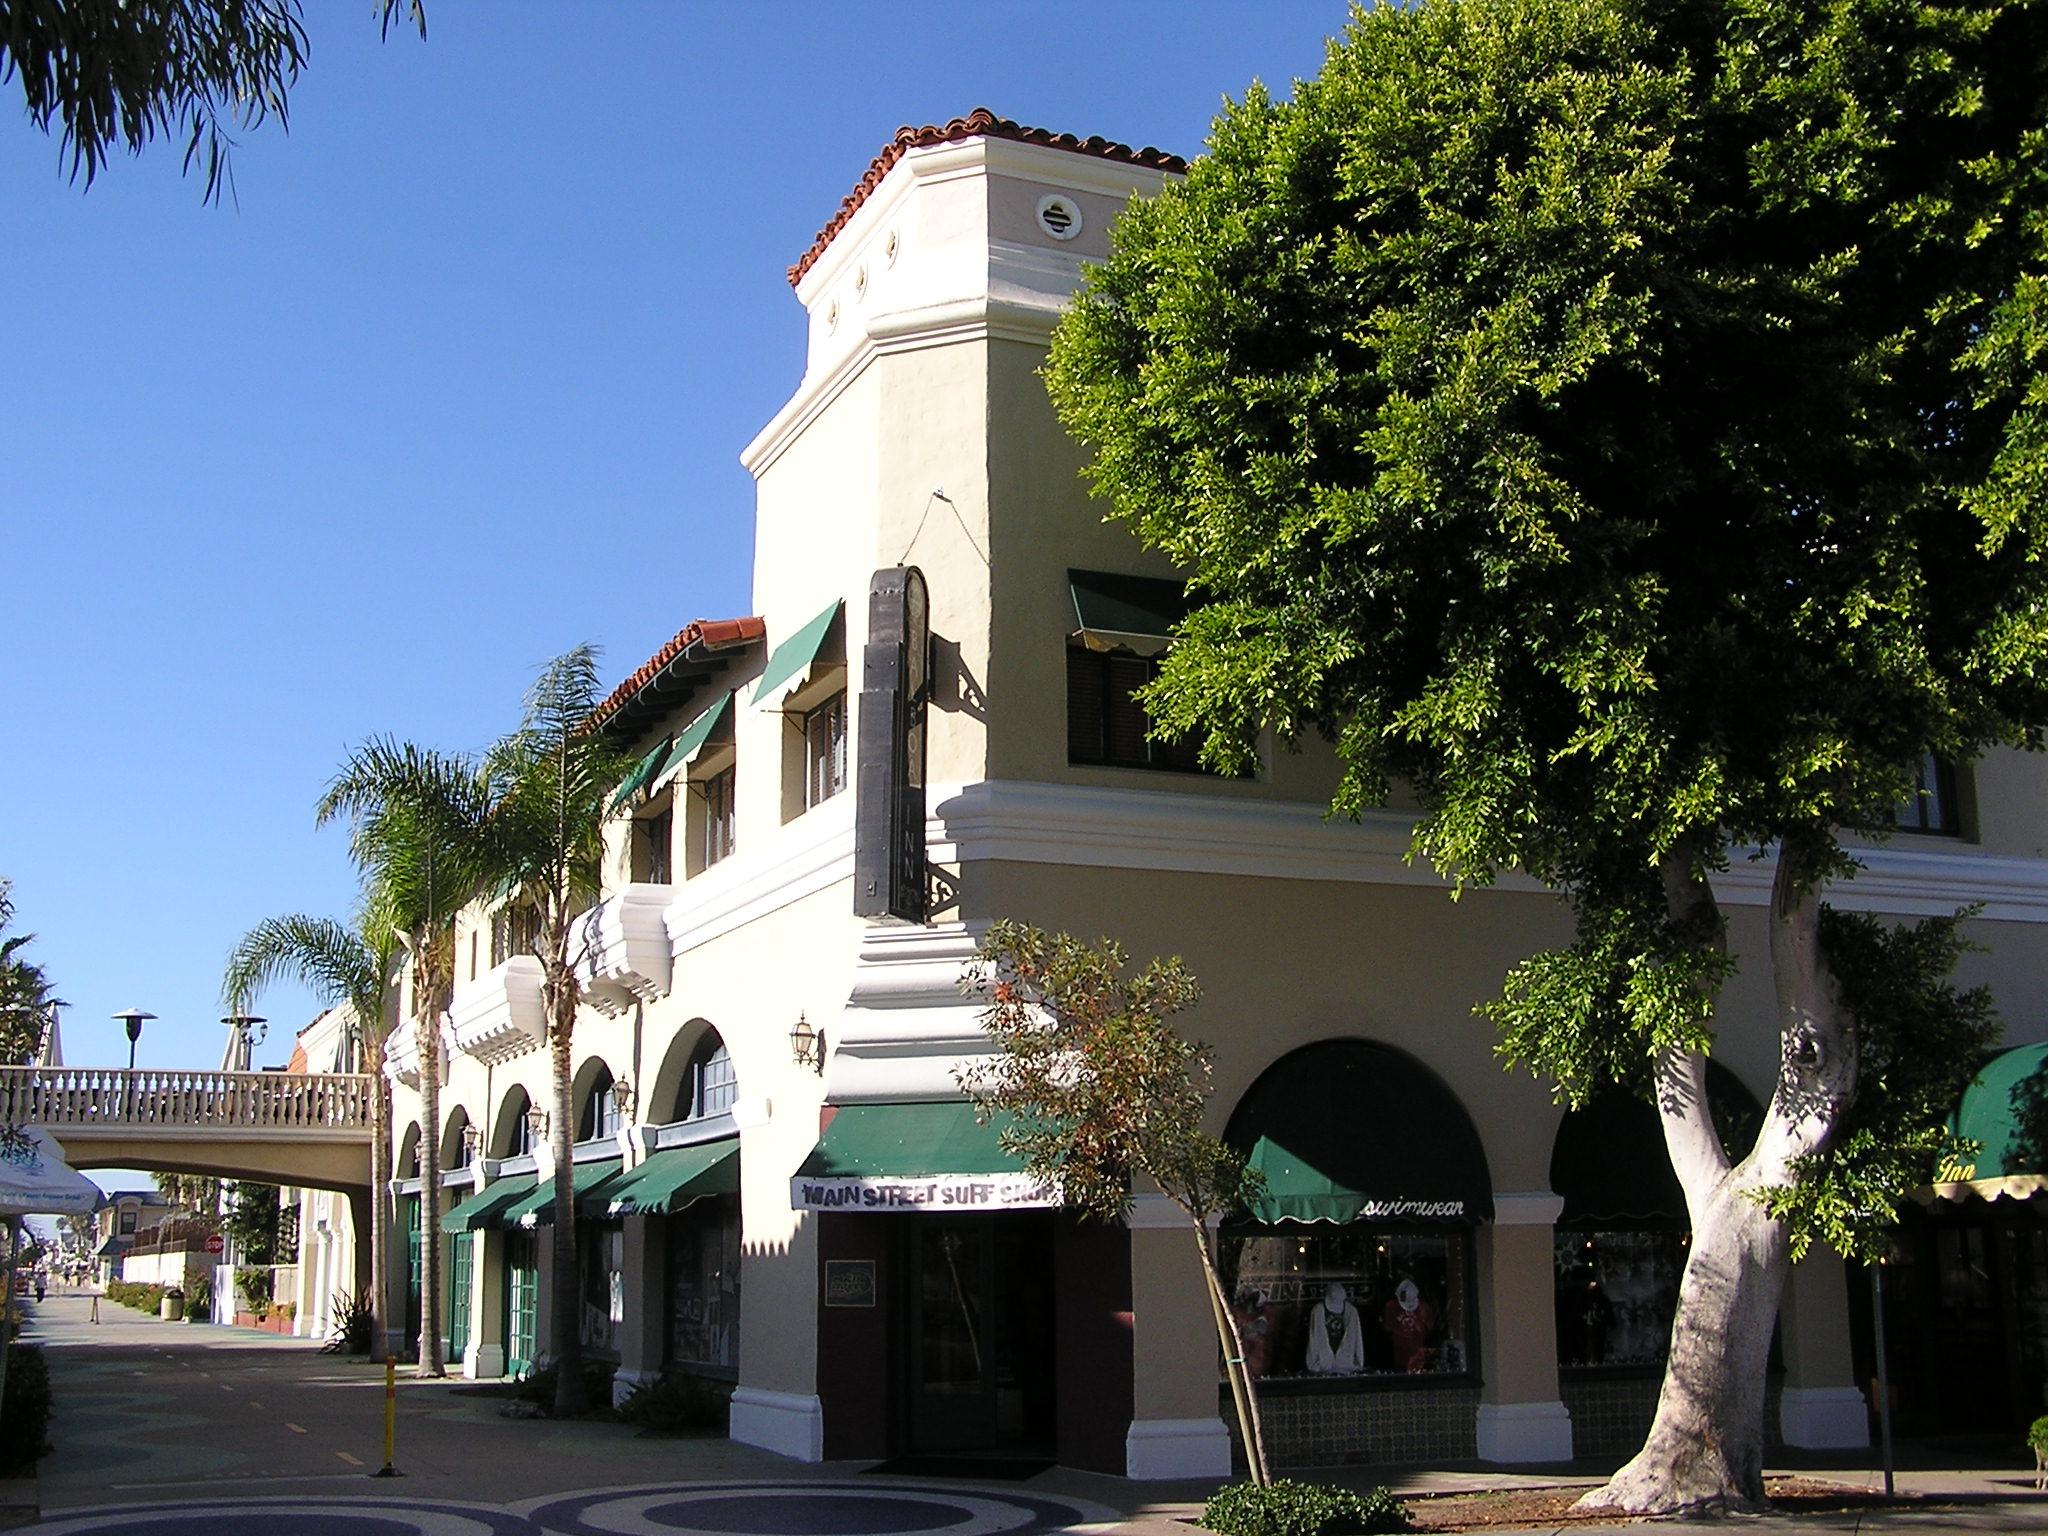 Balboa Inn Wikipedia